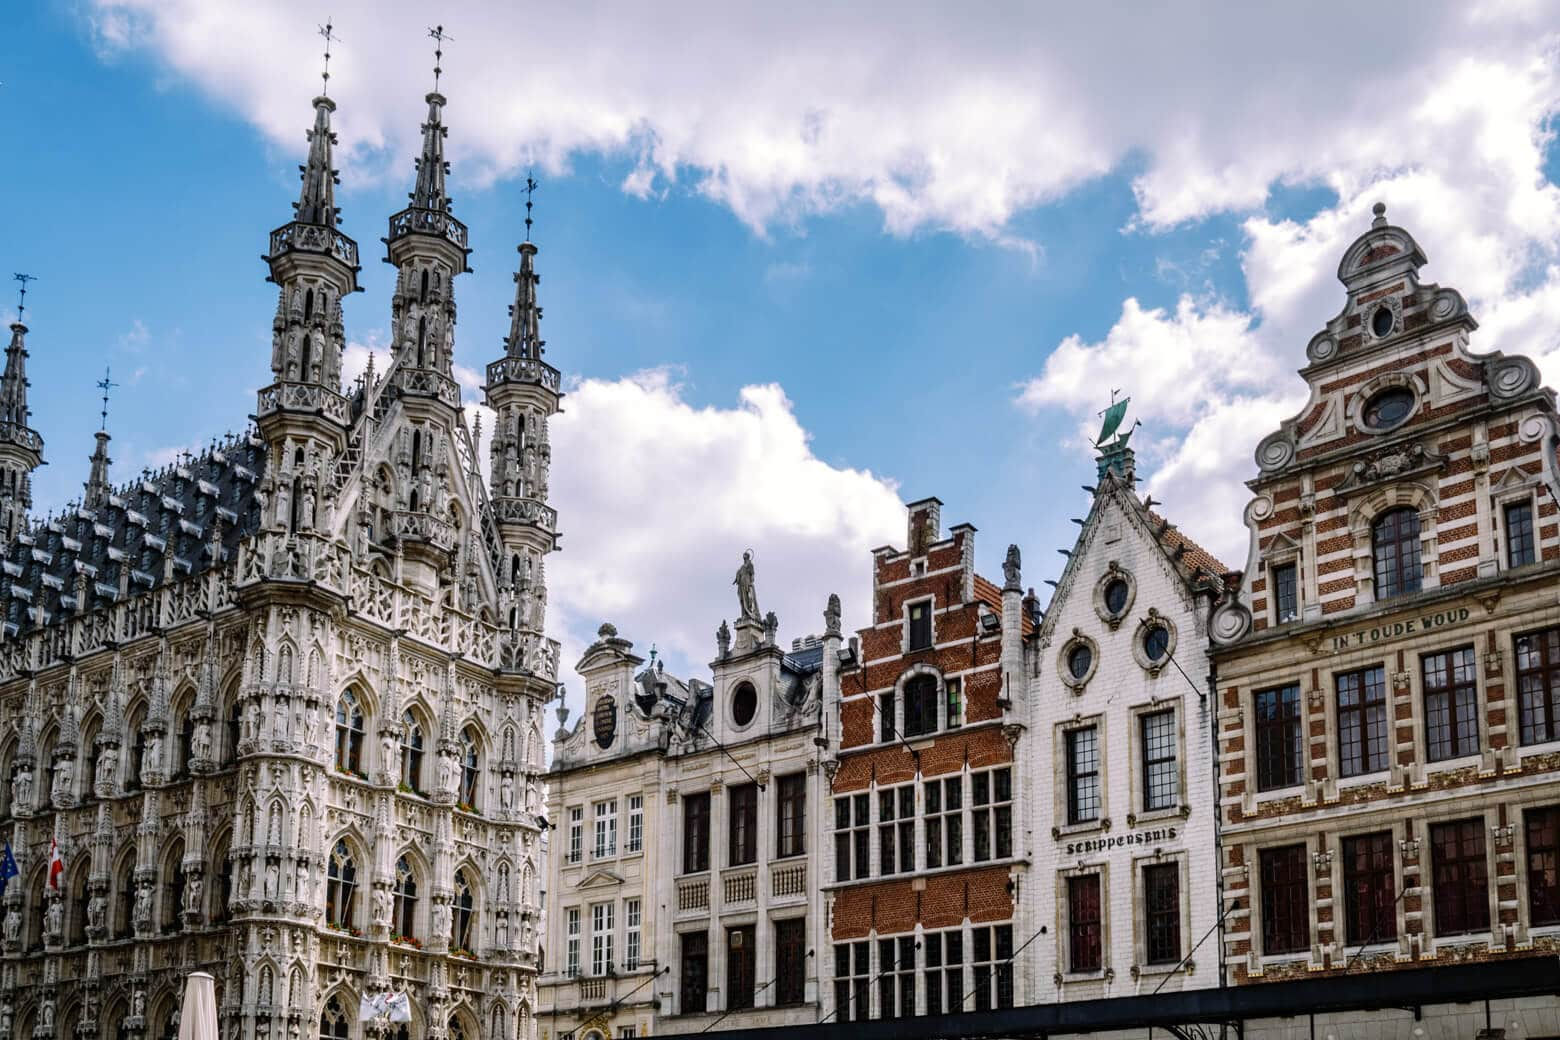 Leuven Old Town Centre